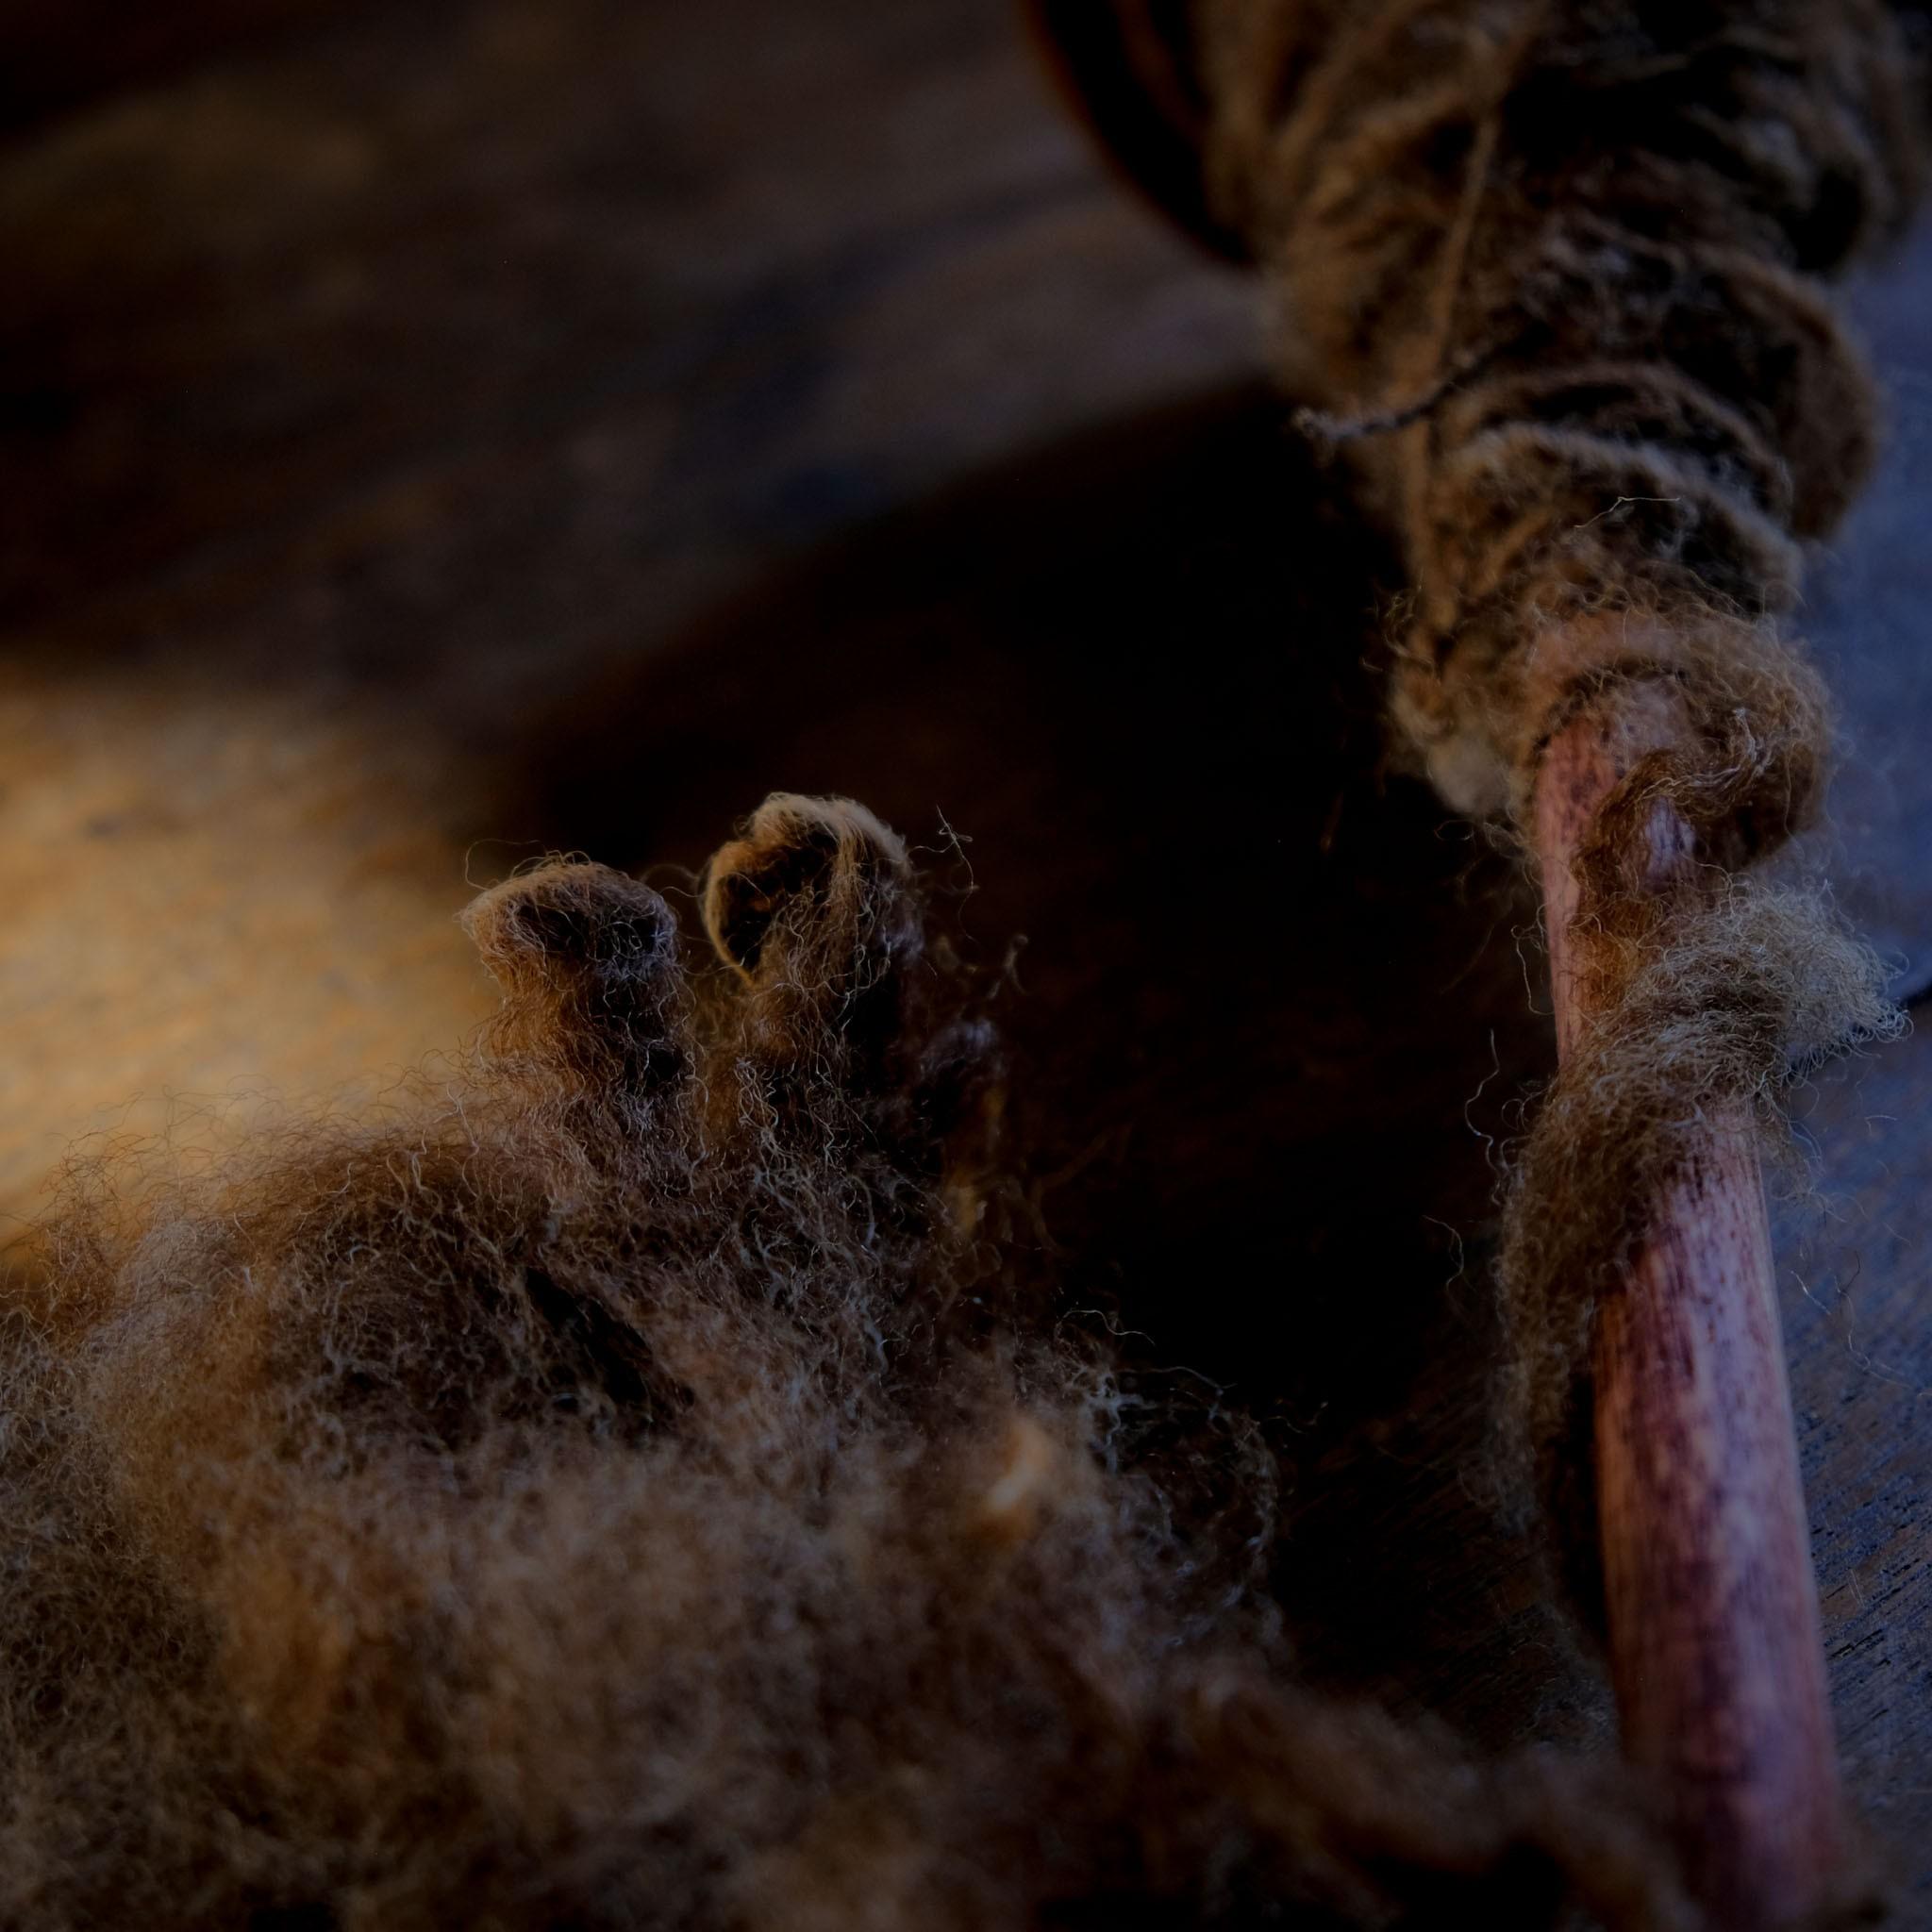 羊毛の素を想う 自然の息吹をいだく野性の紡ぎ糸